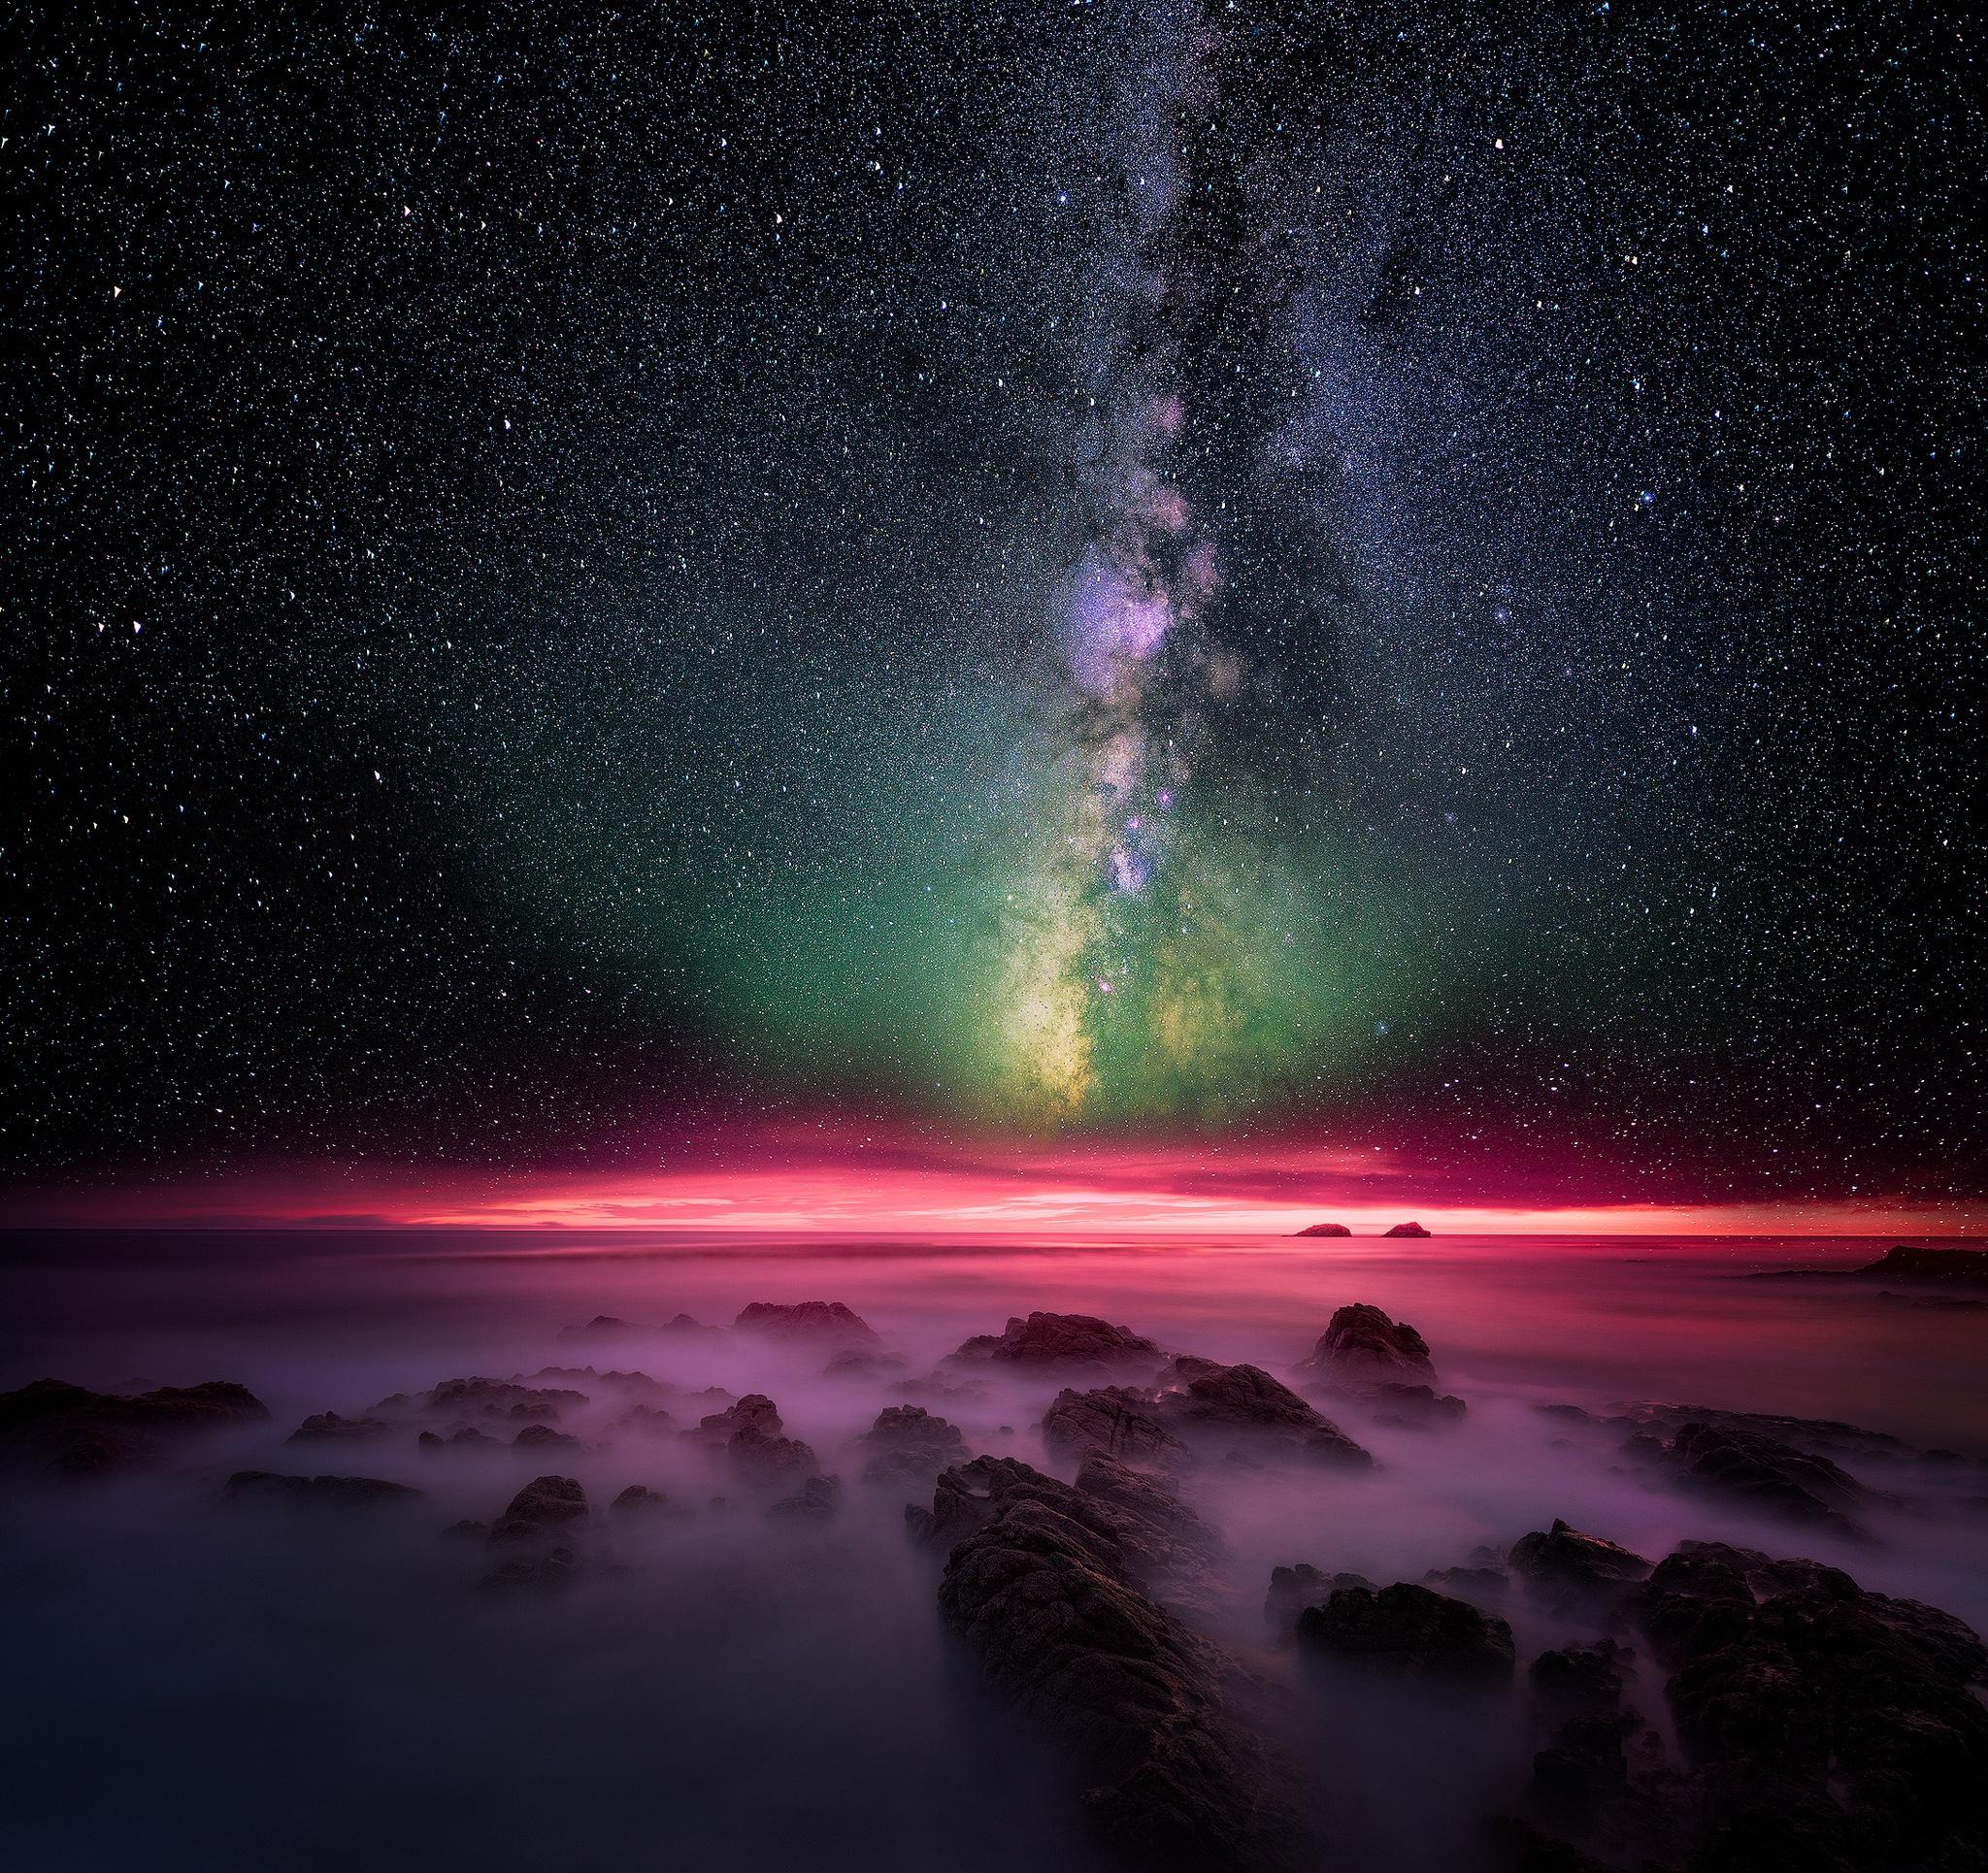 HDoboi.Kiev.ua - Млечный путь - звезды 4k, космос, вселенная